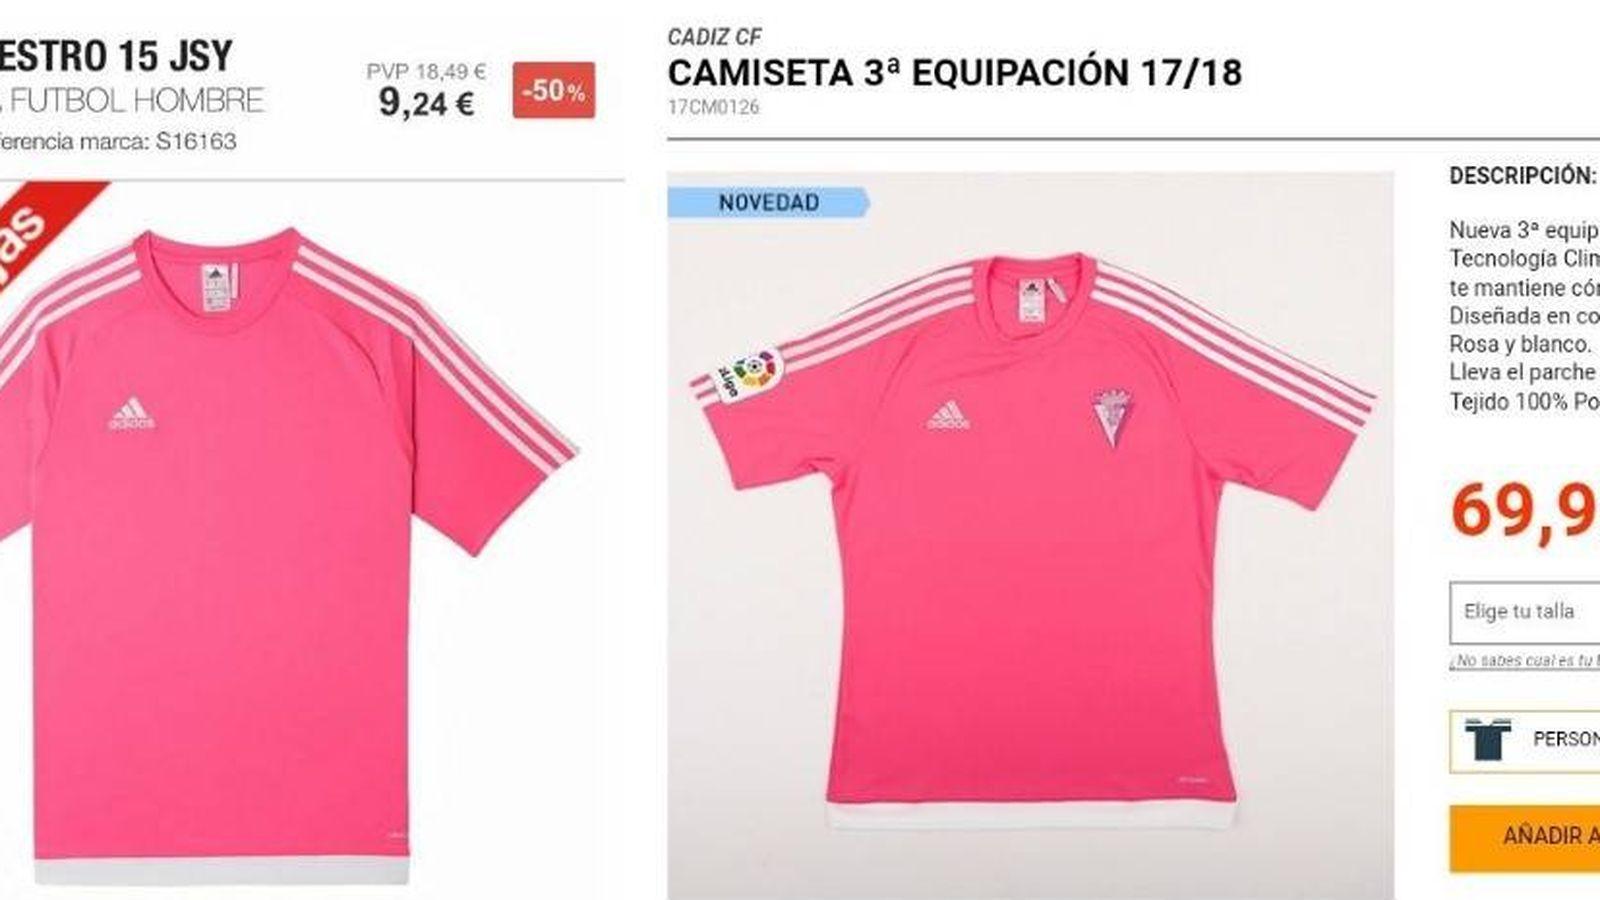 Foto: Una camiseta básica con un escudo y el logo de la Liga puede costar 60 euros más